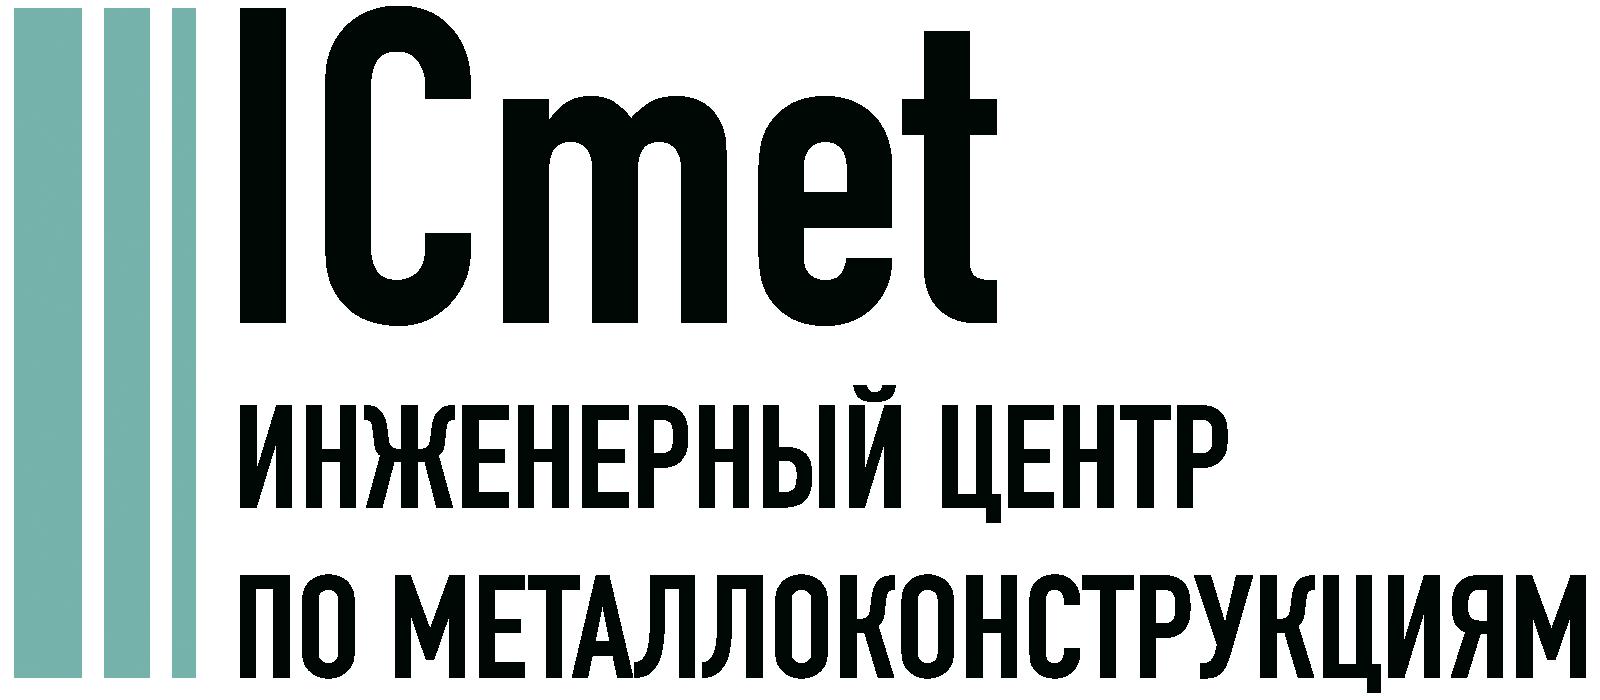 Проектирование металлоконструкций в Иваново